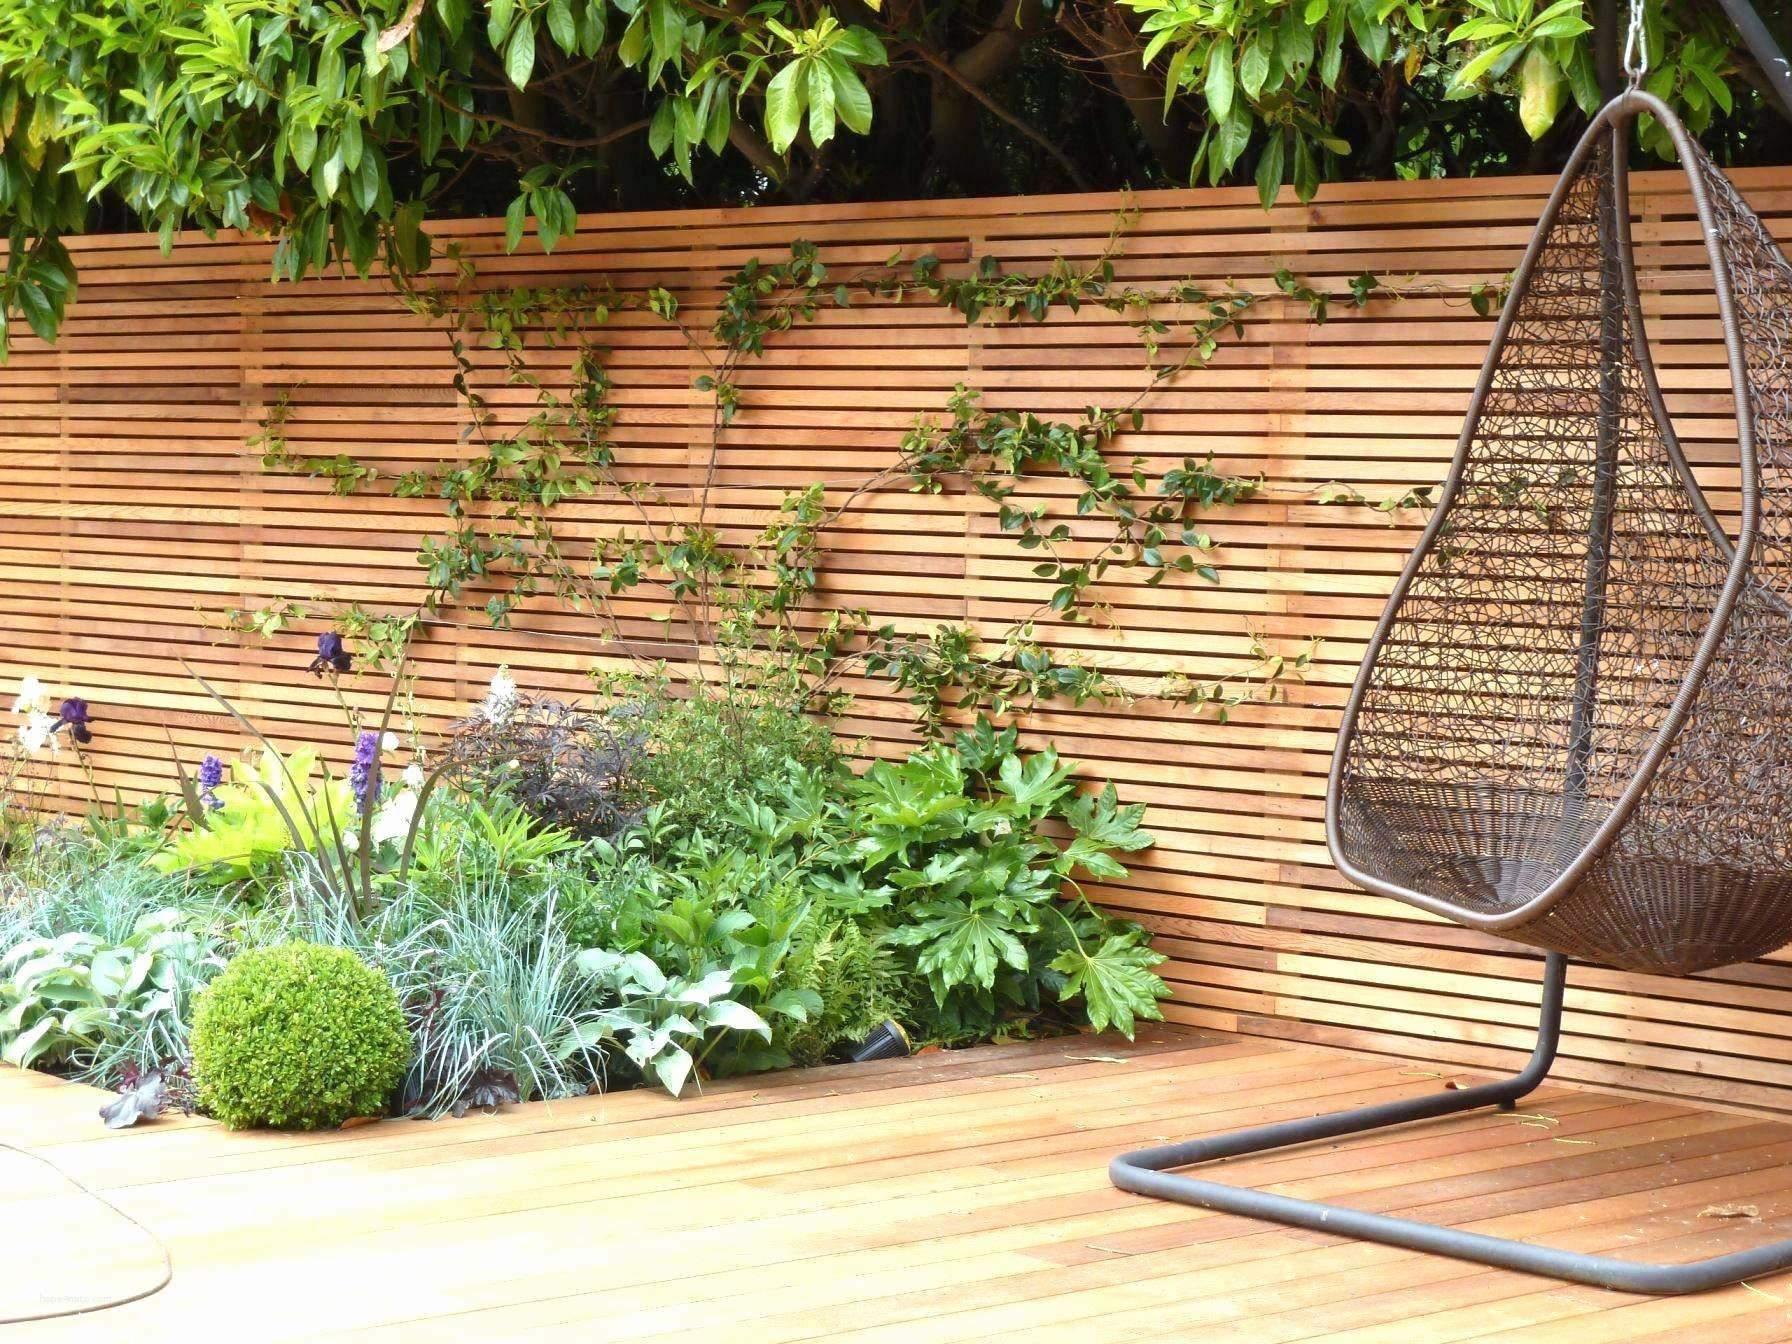 Sichtschutz Garten Ideen Bilder Genial Blumen Garten Ideen Garten Sichtschutz Genial Beste